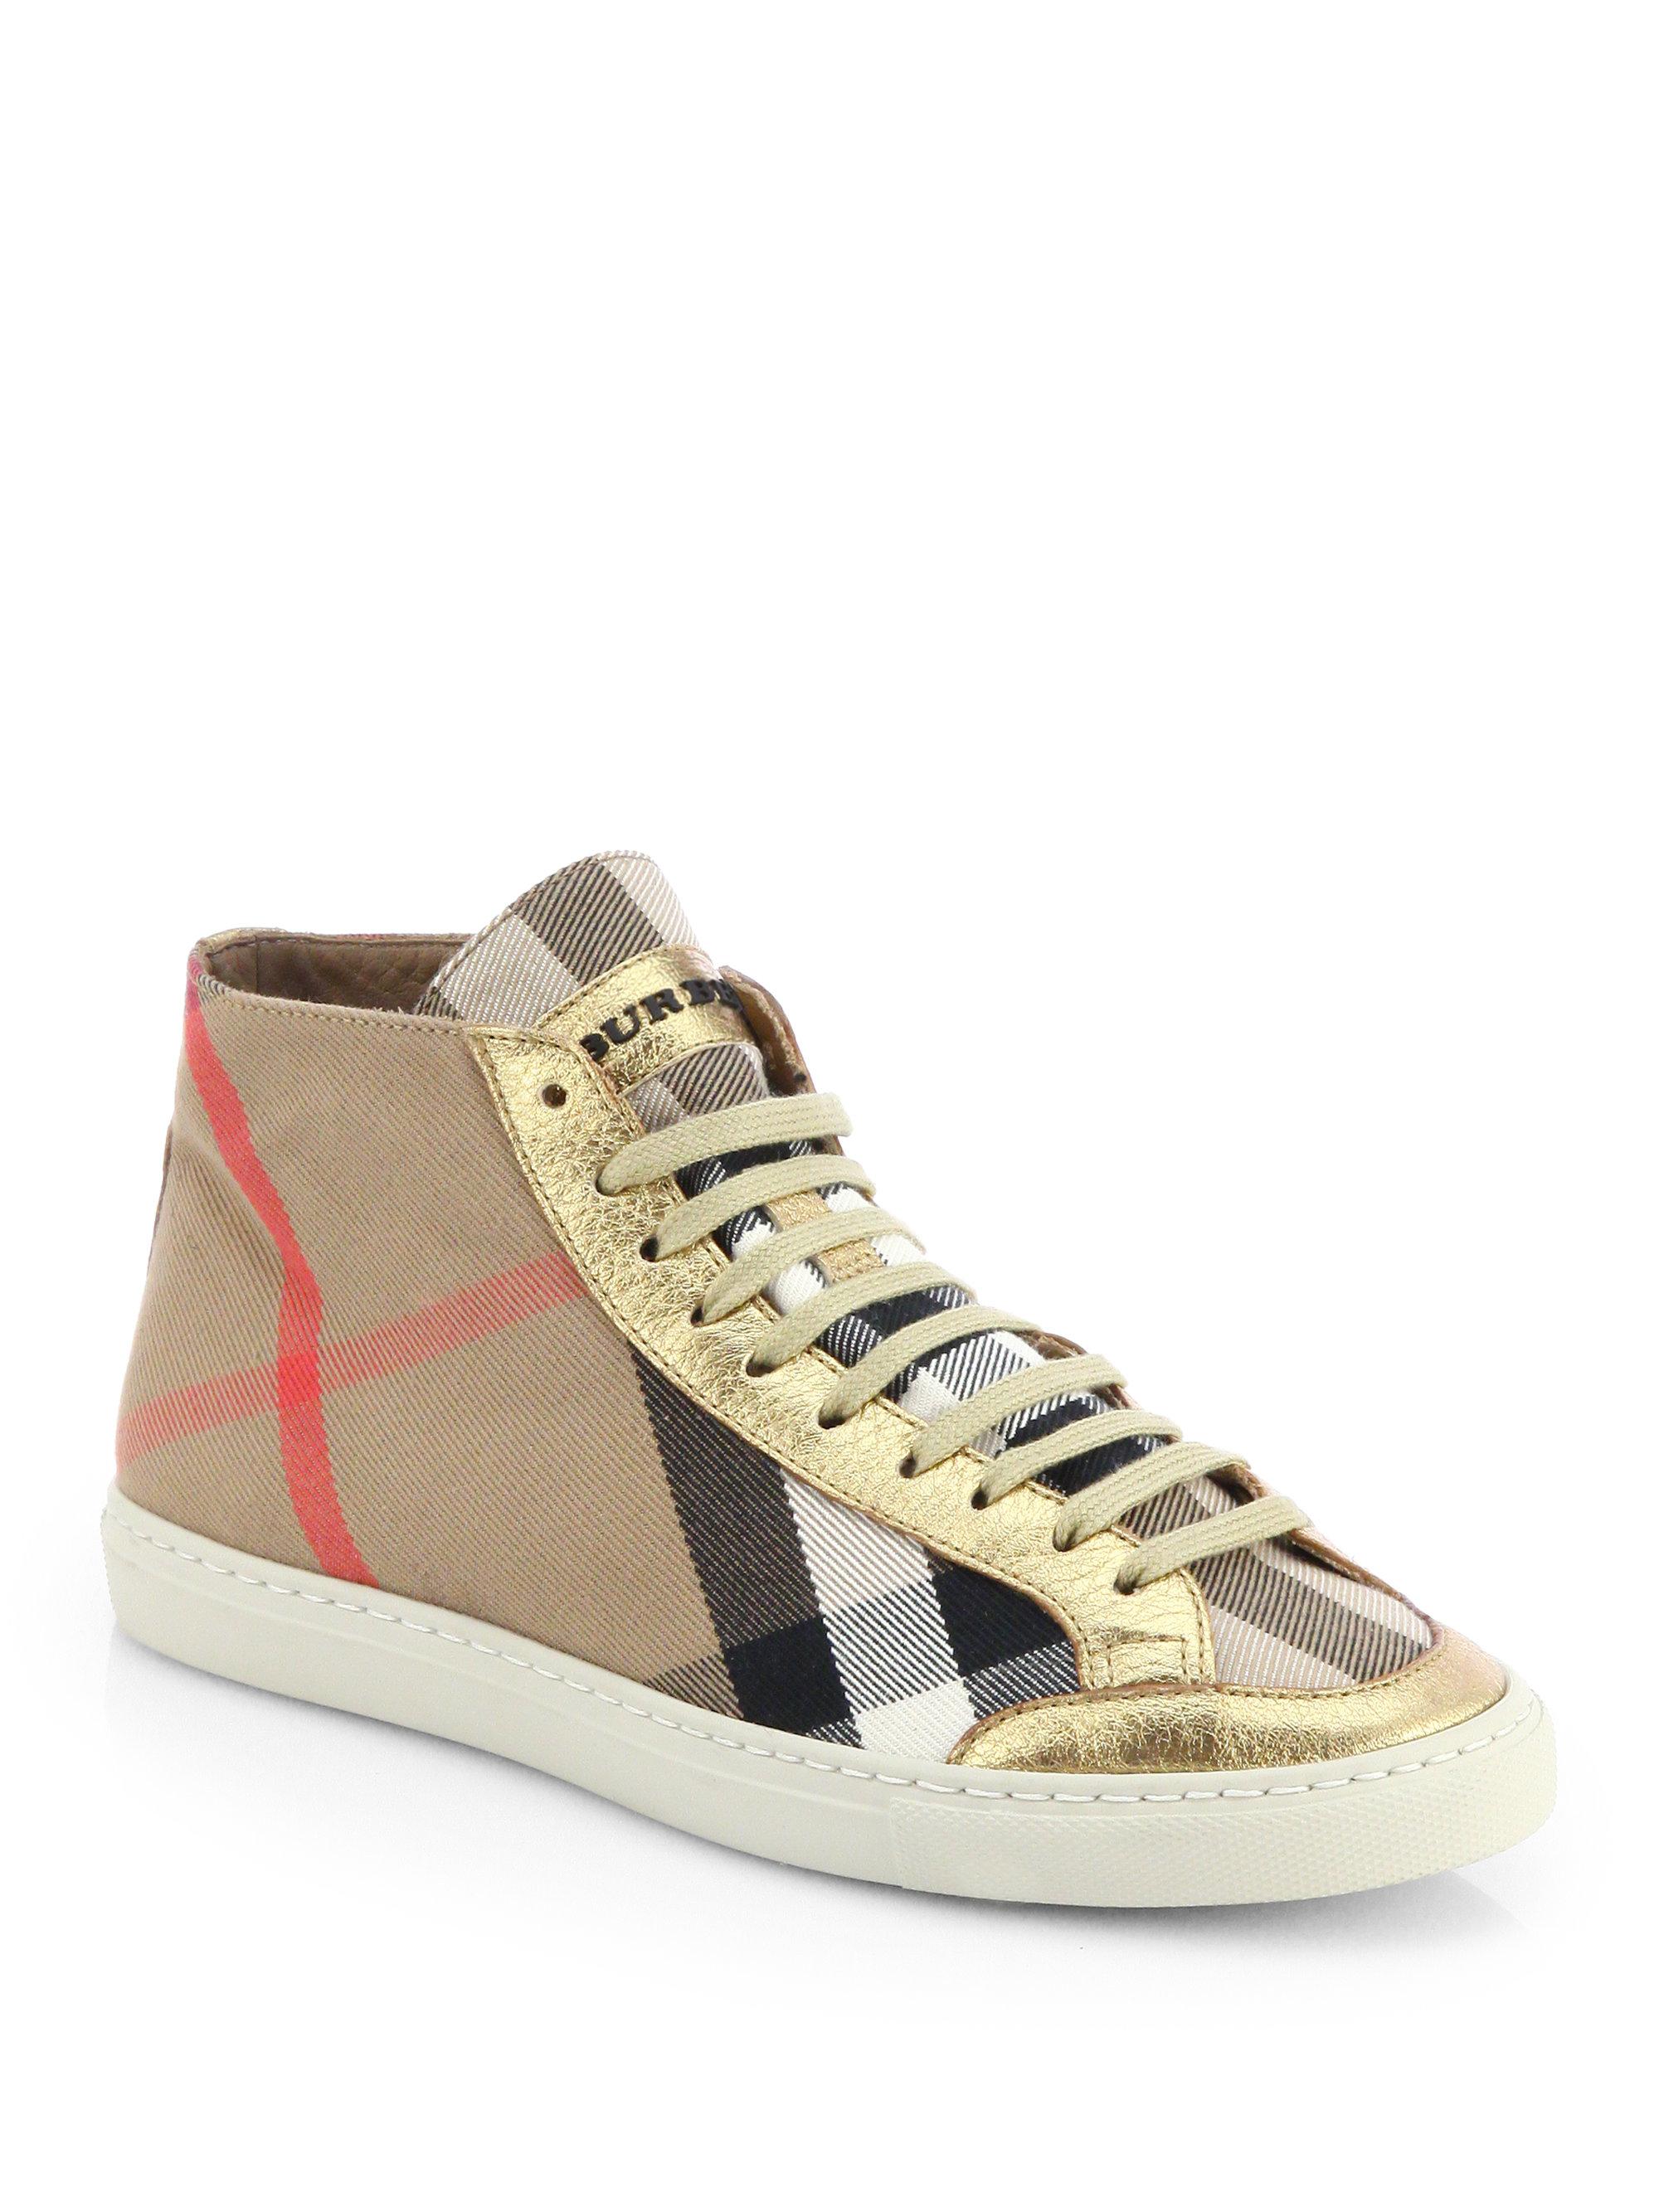 Circas Shoes Sale